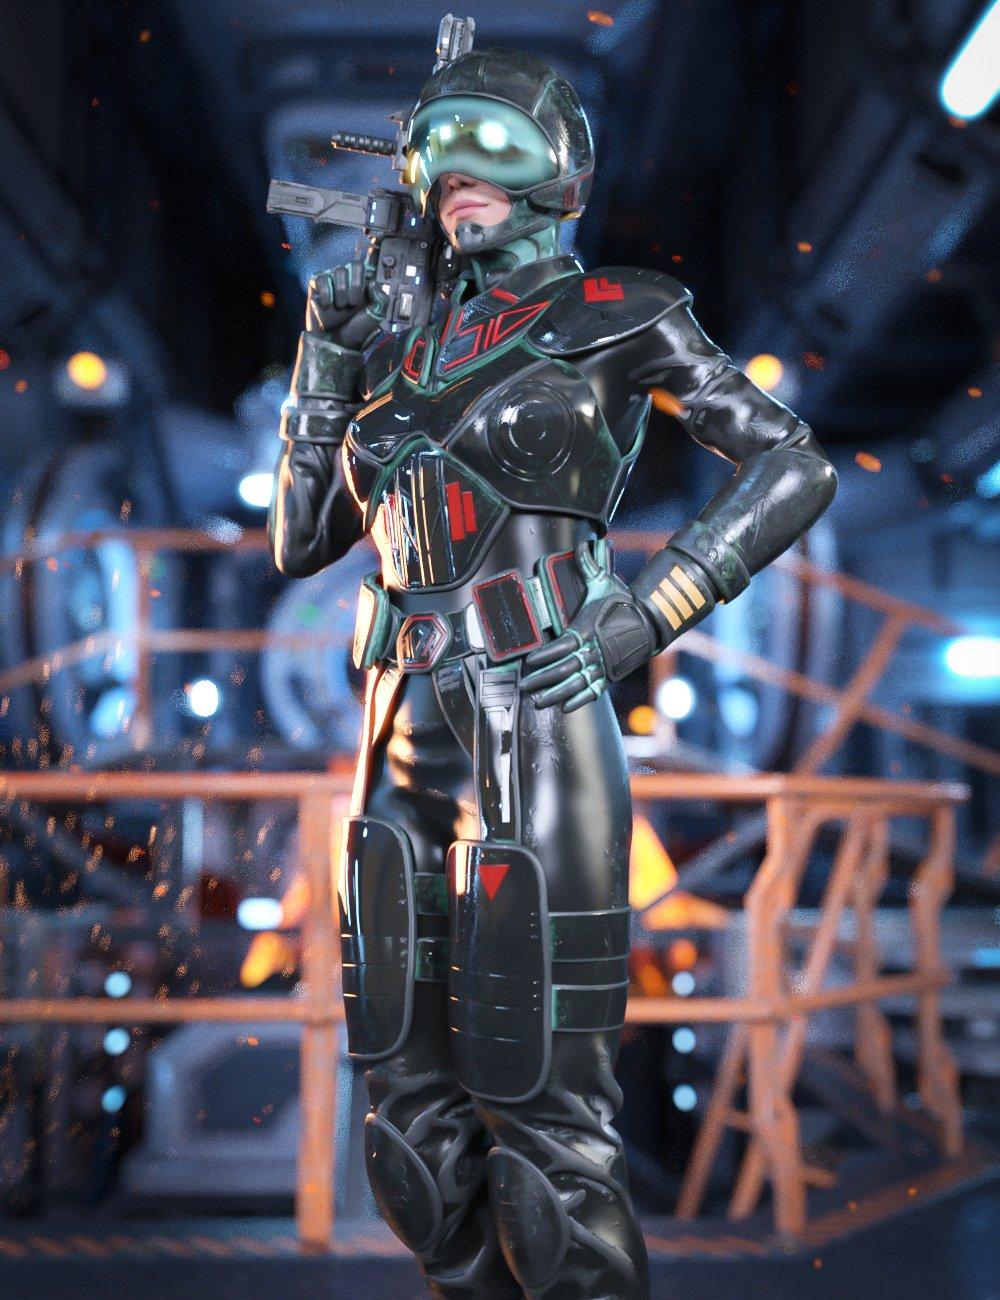 Sci-Fi Heavy Armor for Genesis 8.1 Females by: Yura, 3D Models by Daz 3D